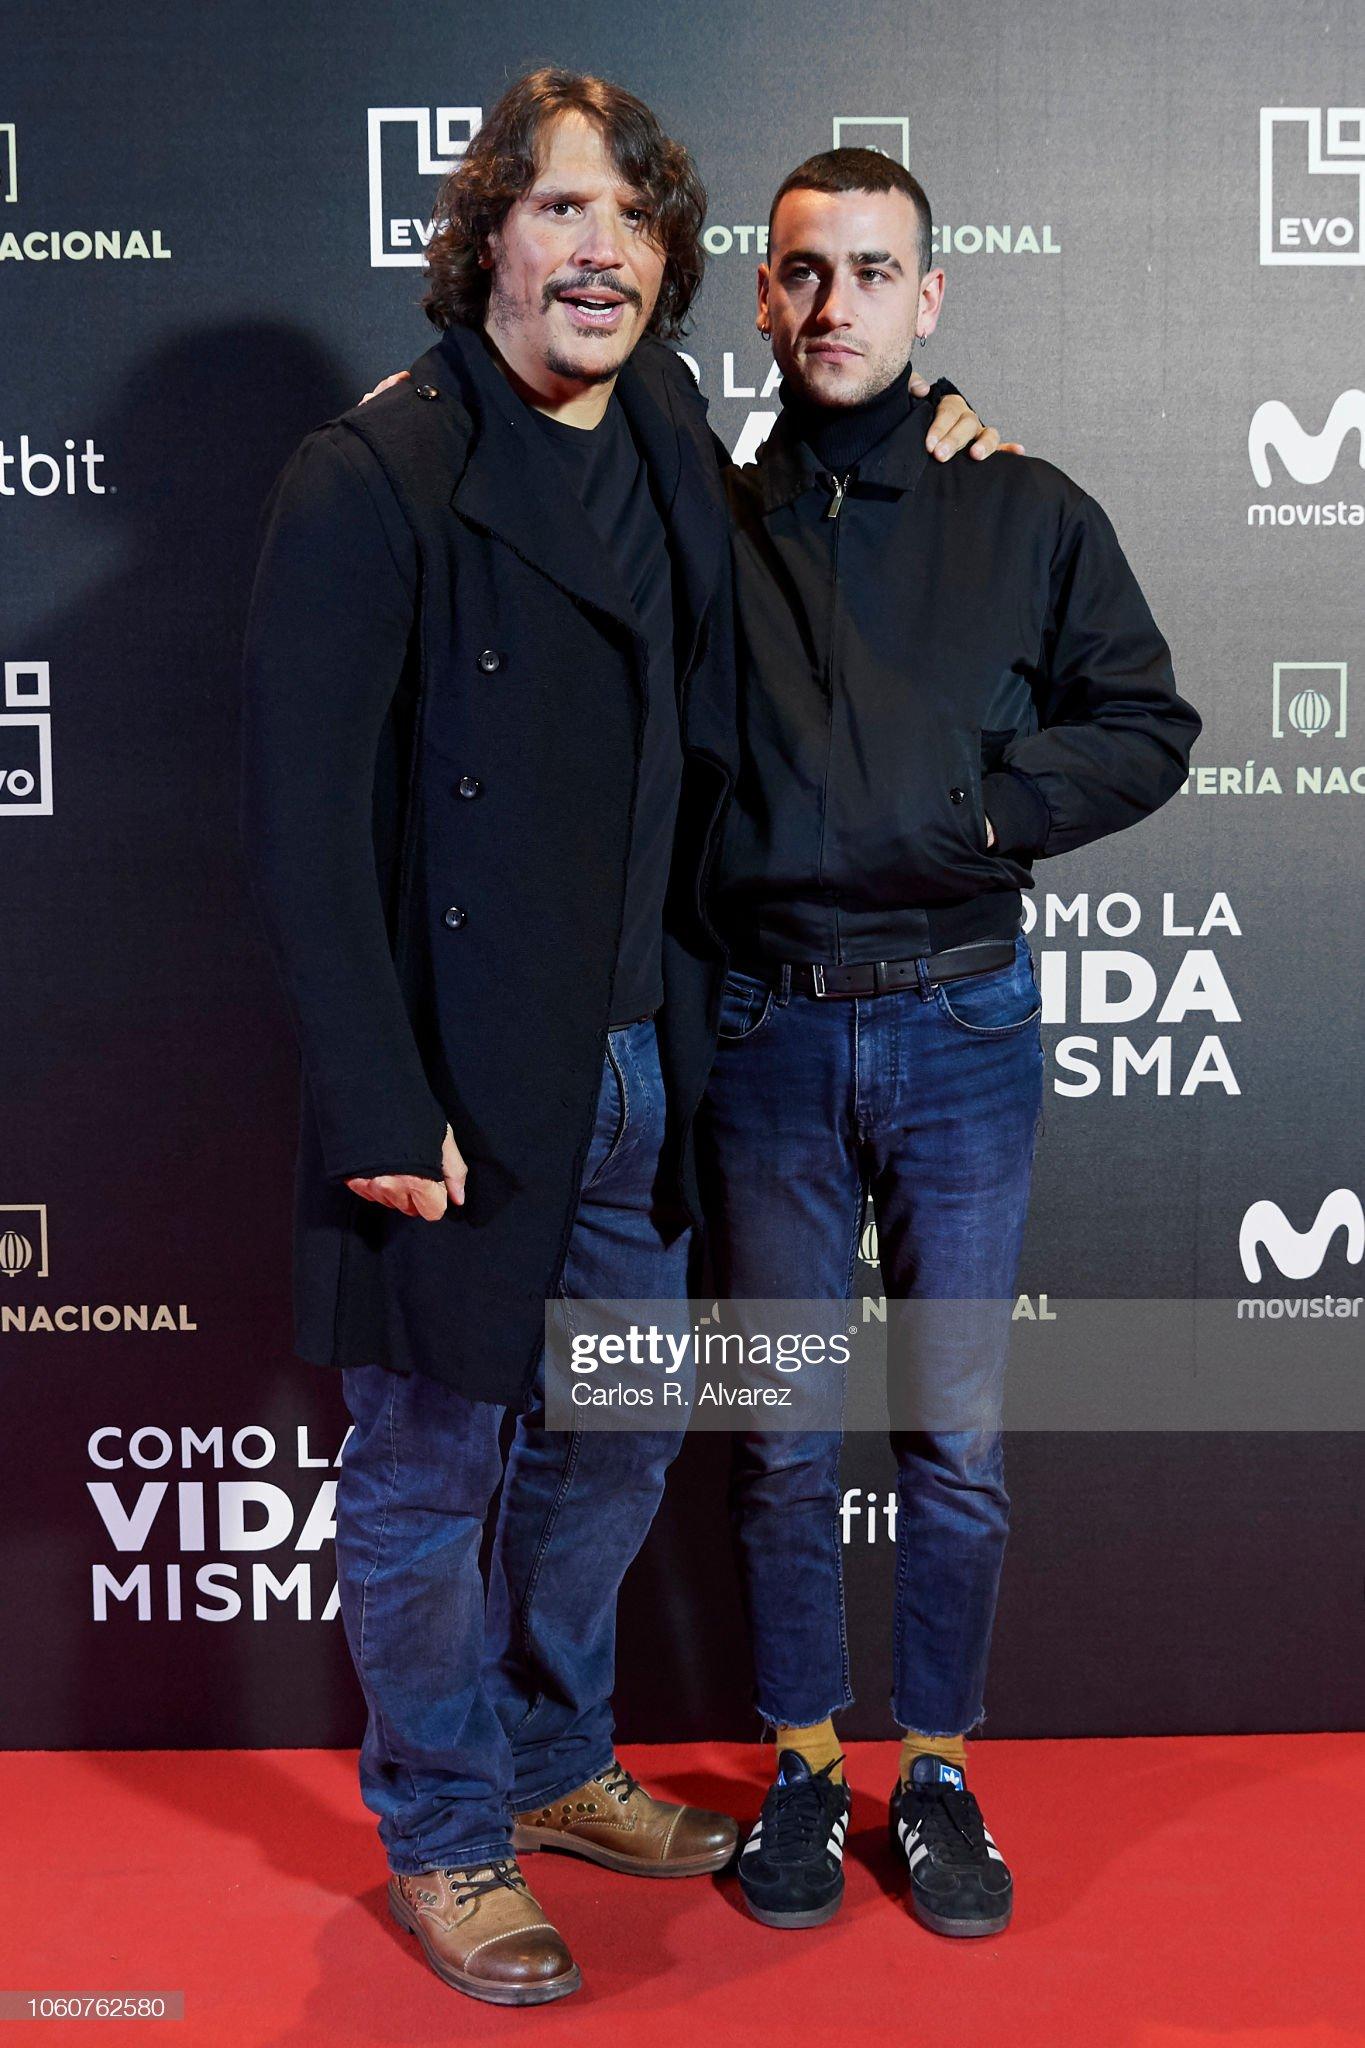 ¿Cuánto mide Sergio Peris Mencheta? - Altura Actors-sergio-perismencheta-and-alex-monner-attend-como-la-vida-misma-picture-id1060762580?s=2048x2048